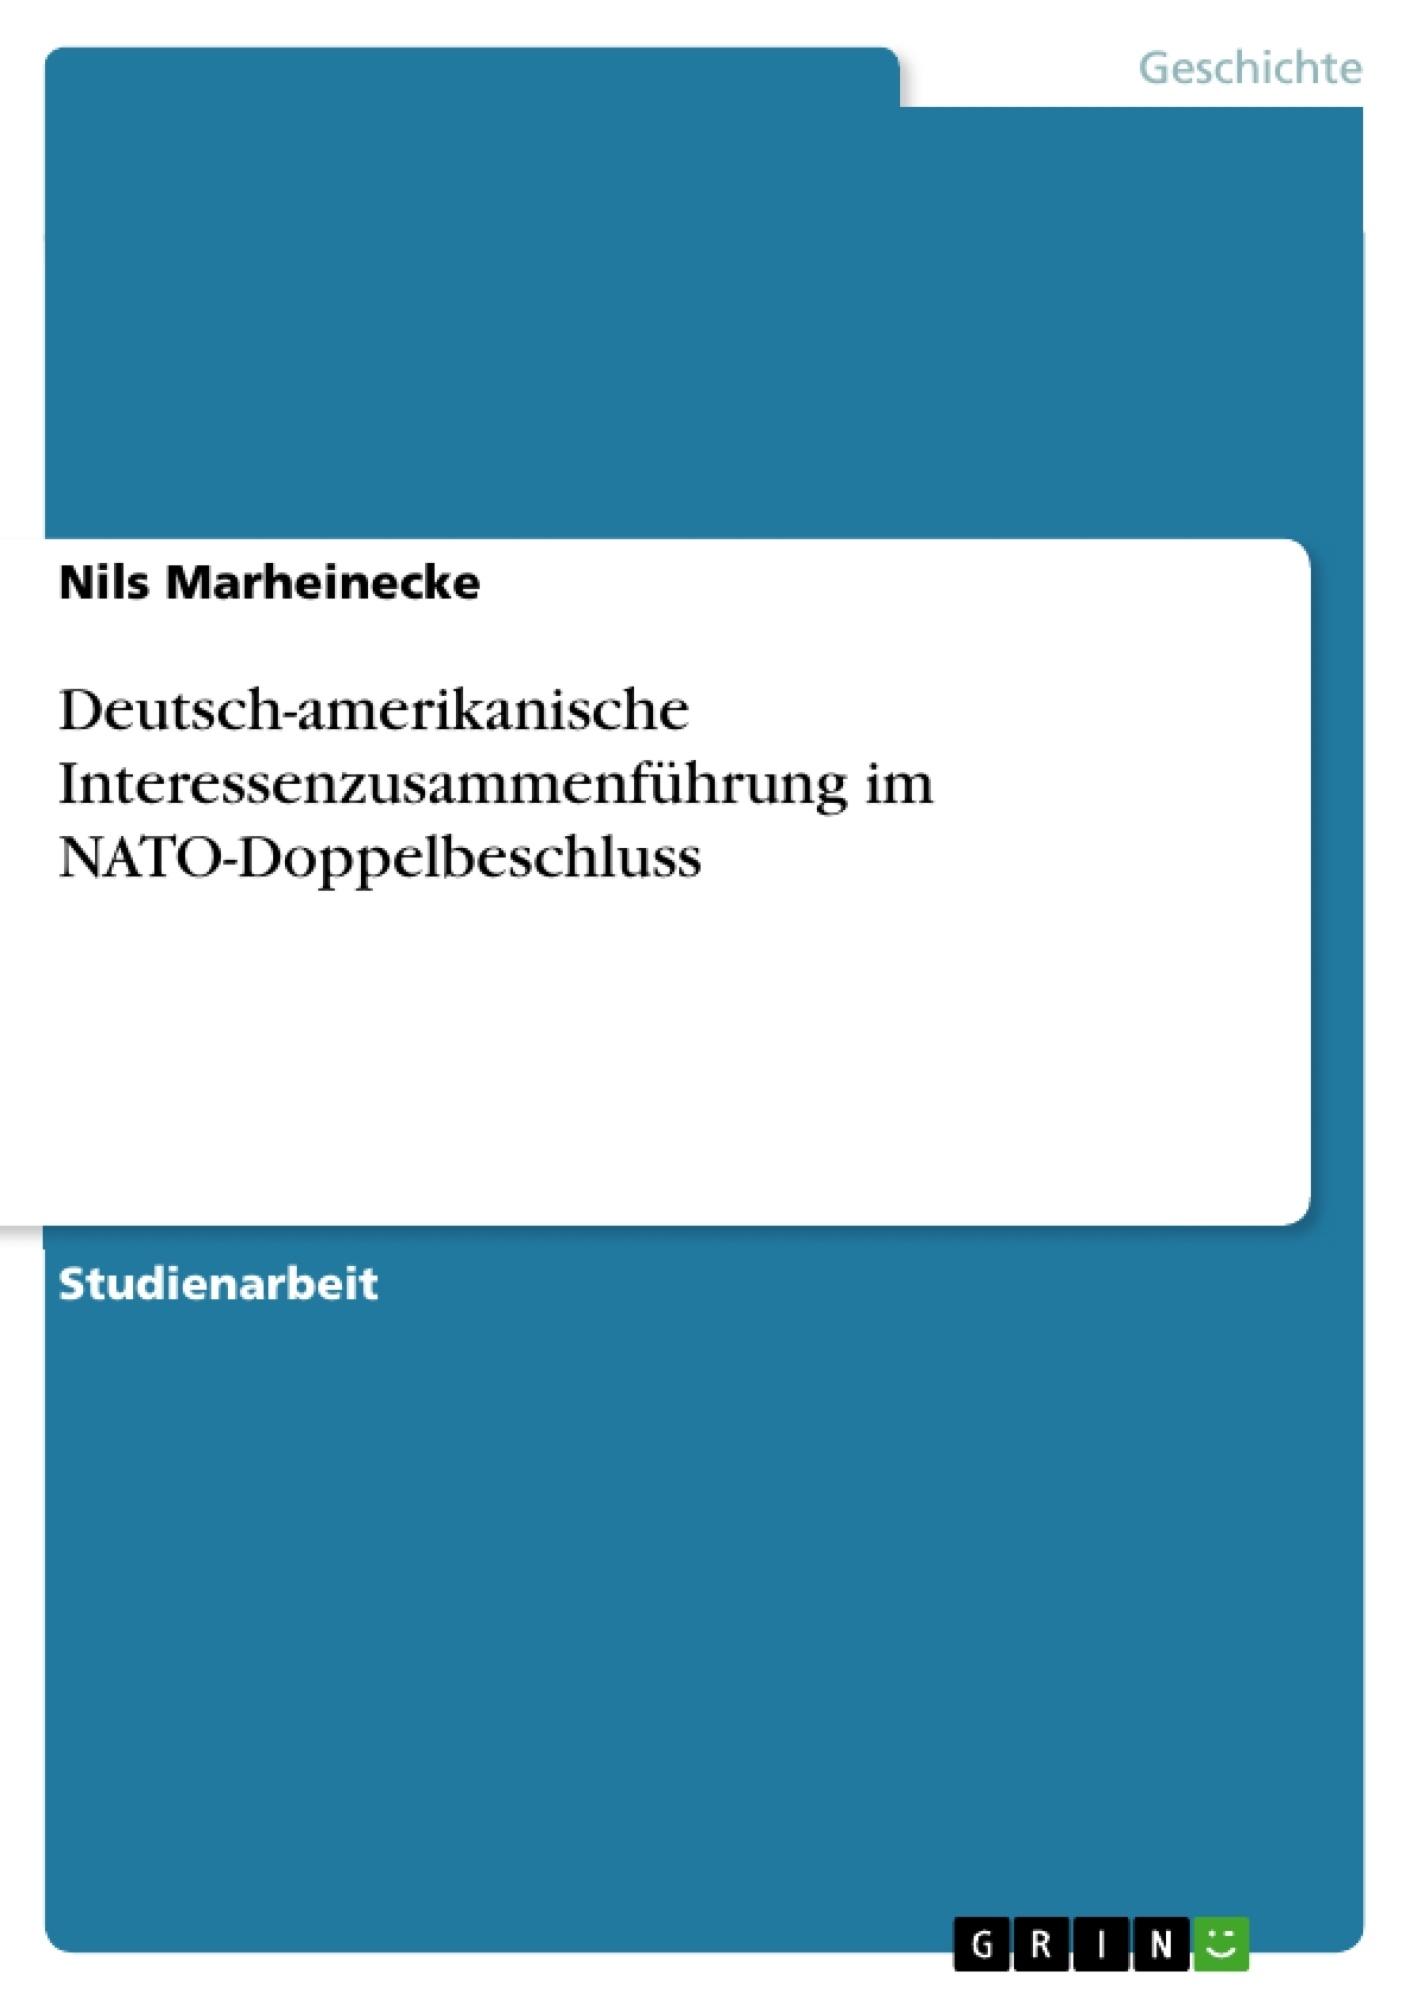 Titel: Deutsch-amerikanische Interessenzusammenführung im NATO-Doppelbeschluss